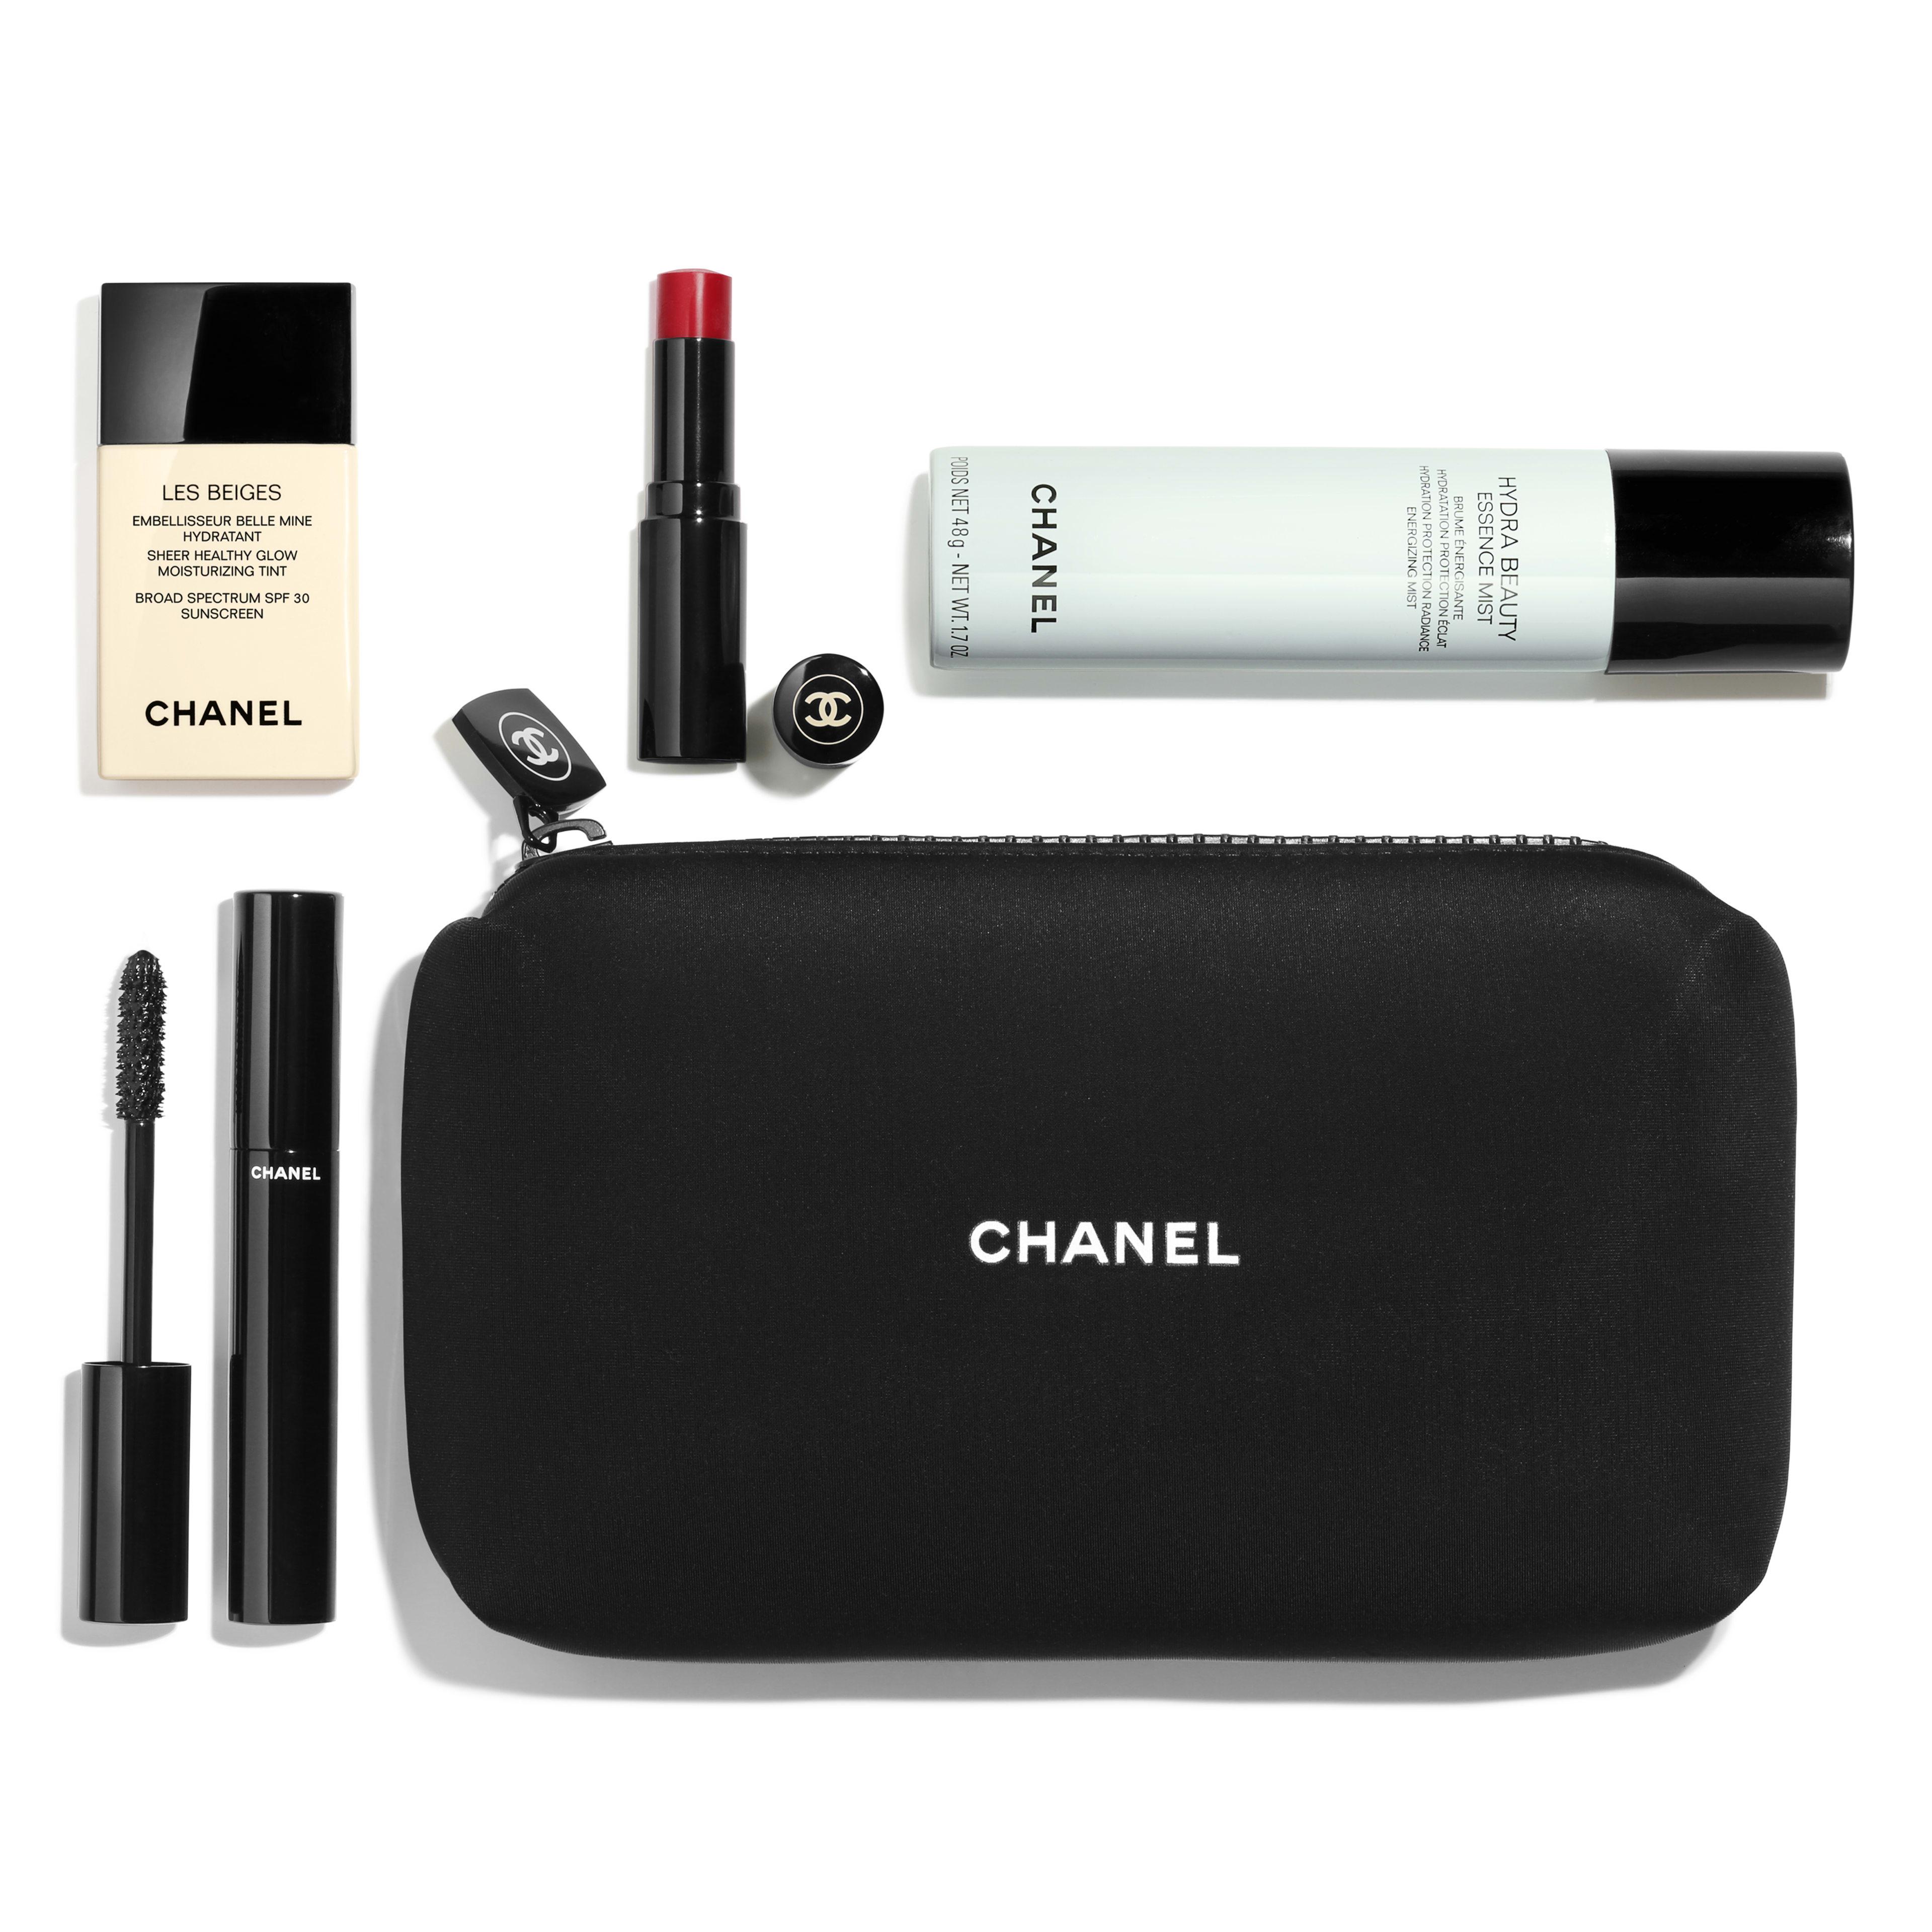 Set Sport de Chanel - makeup - 1Piece - Default view